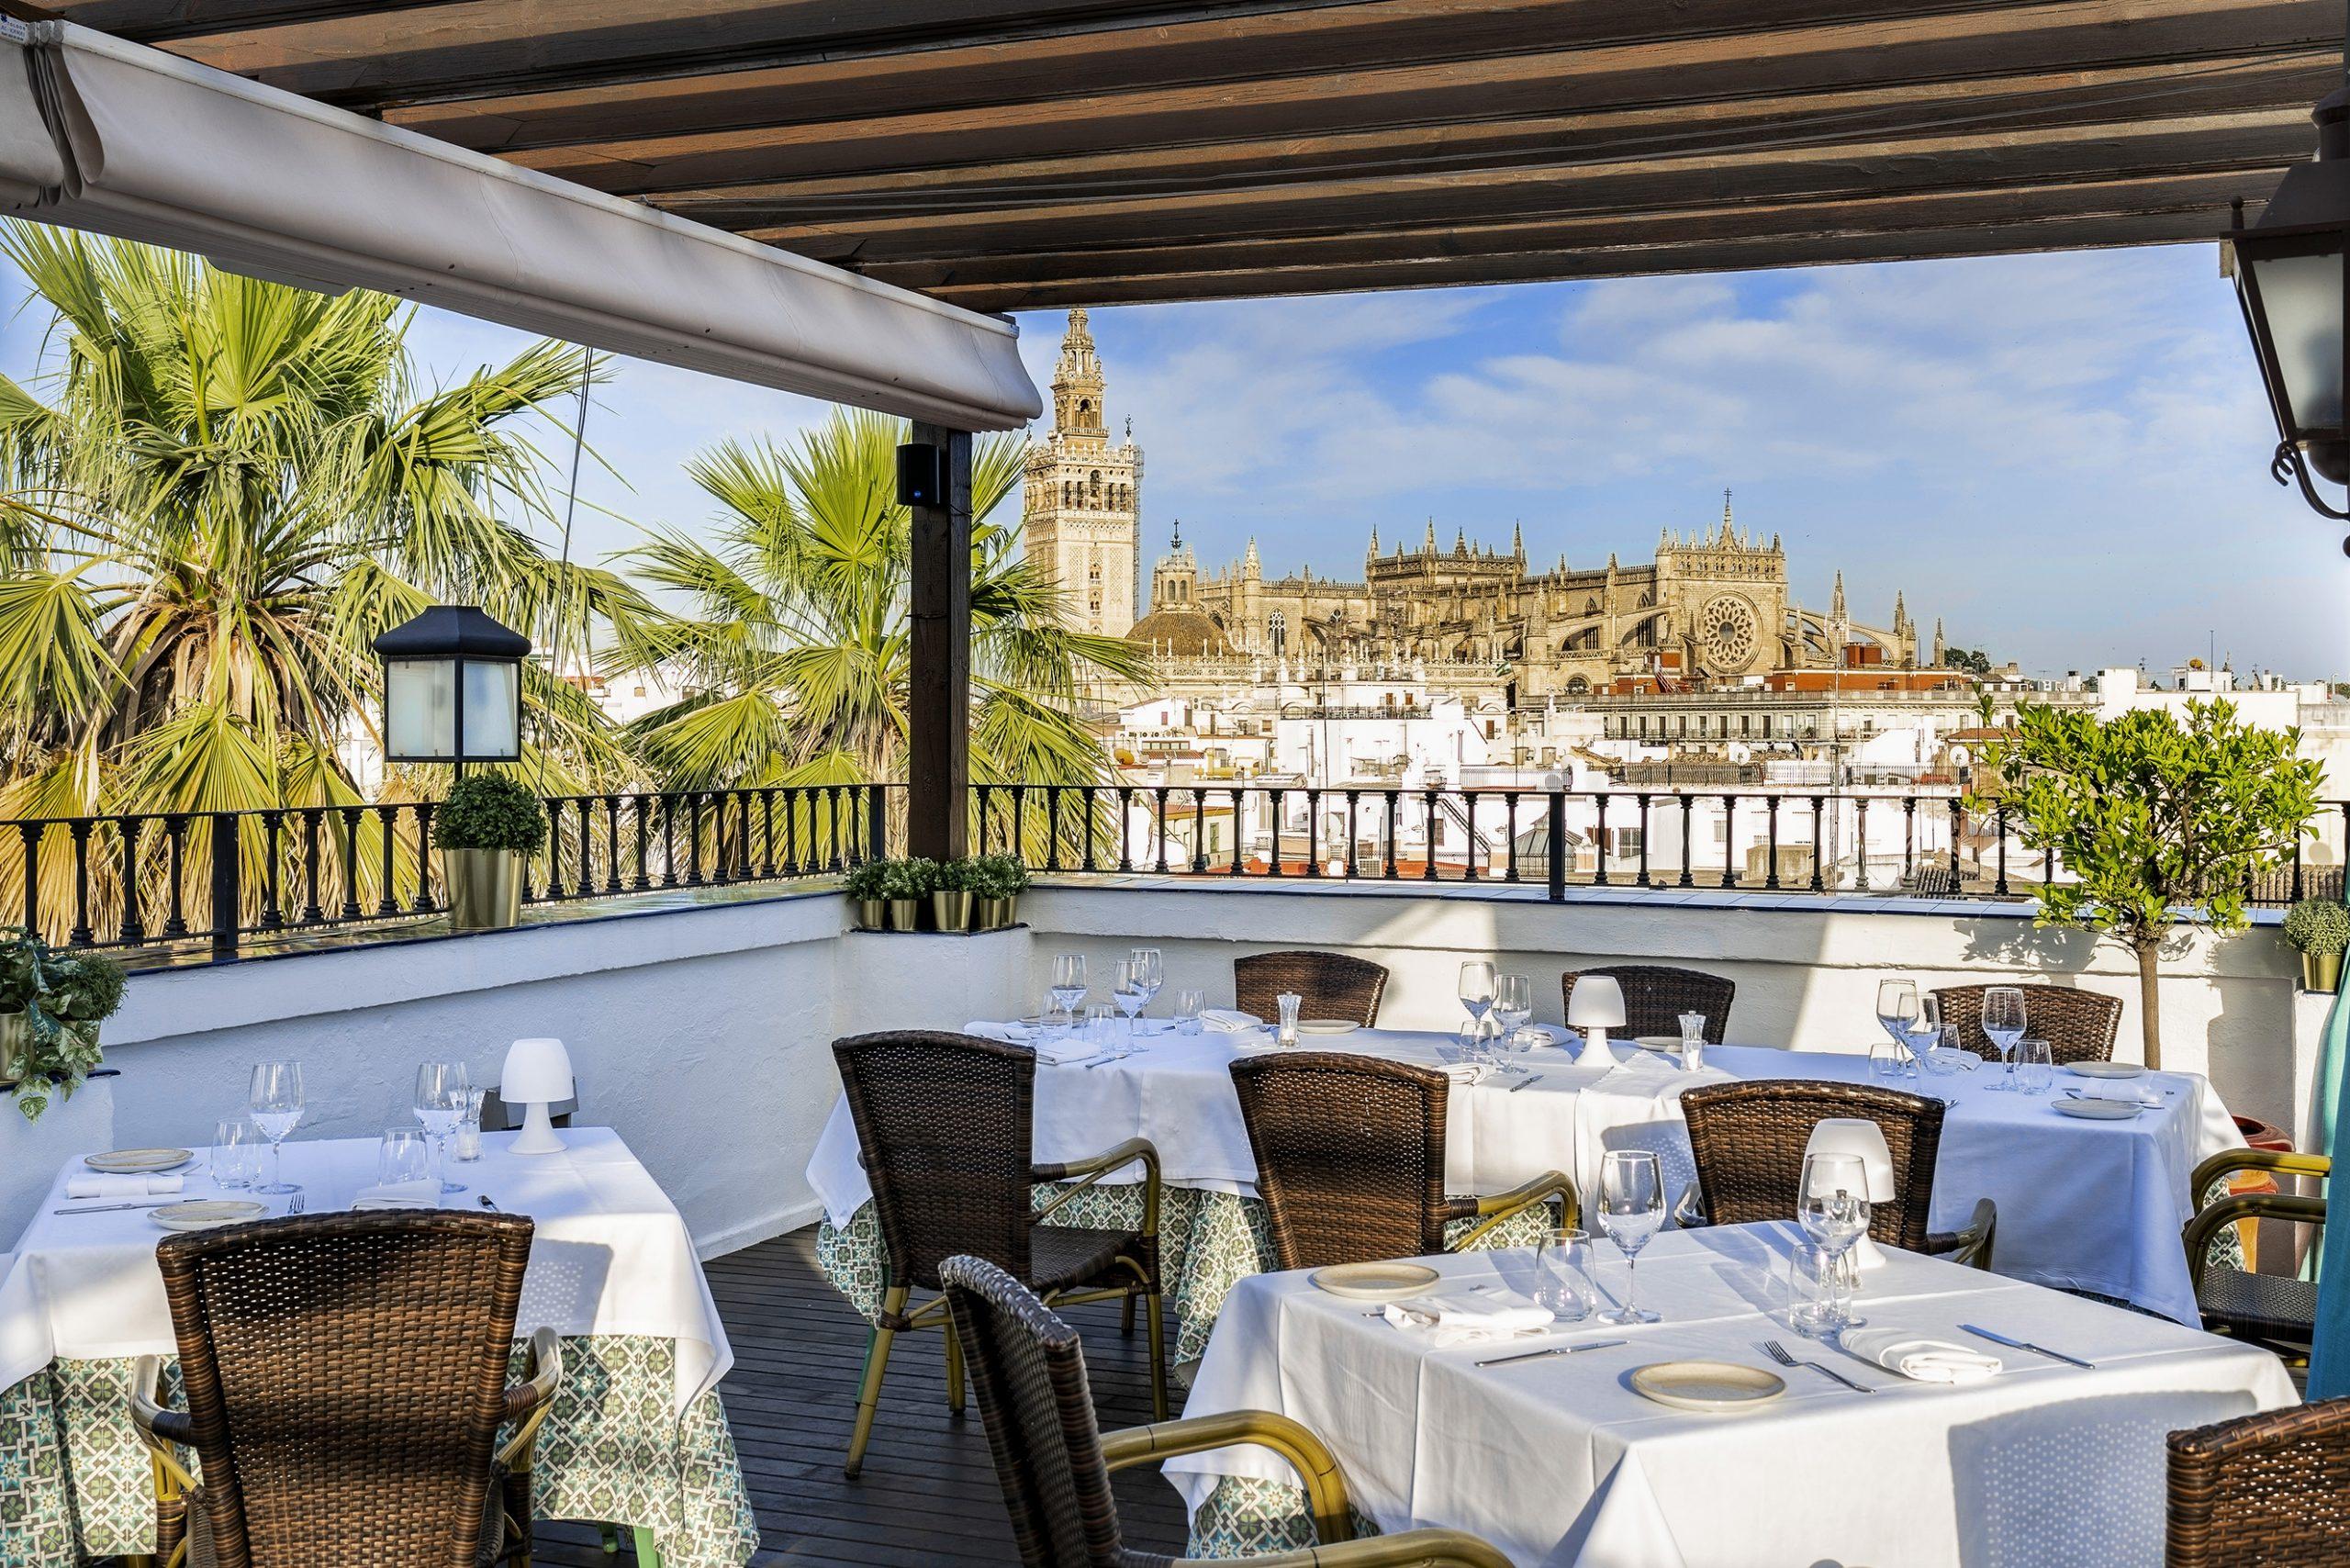 Las terrazas también son para el invierno en Vincci Hoteles